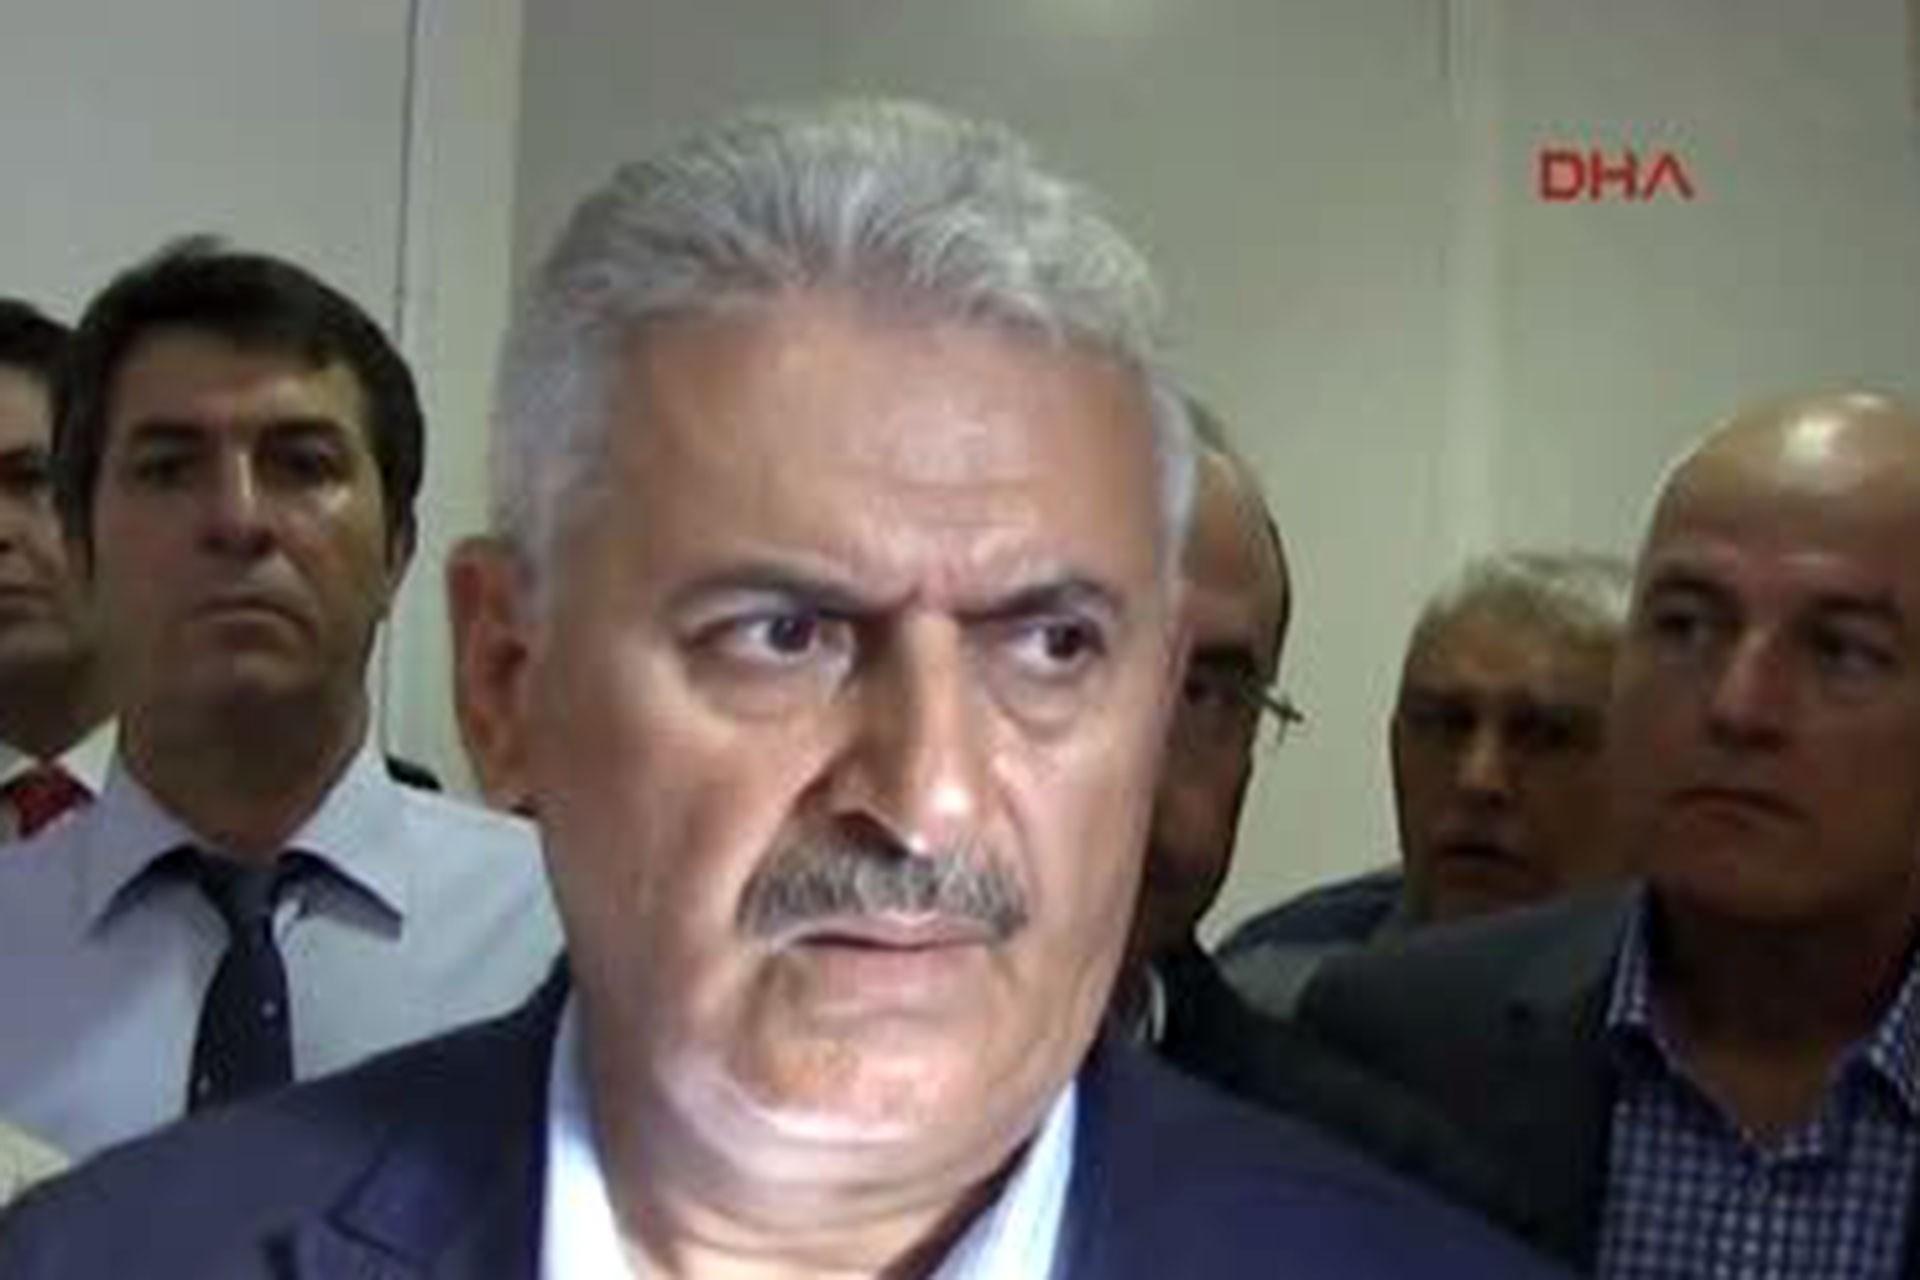 Binali Yıldırım'ın servetindeki artışı soran gazeteci Mehmet Y. Yılmaz'a dava açıldı